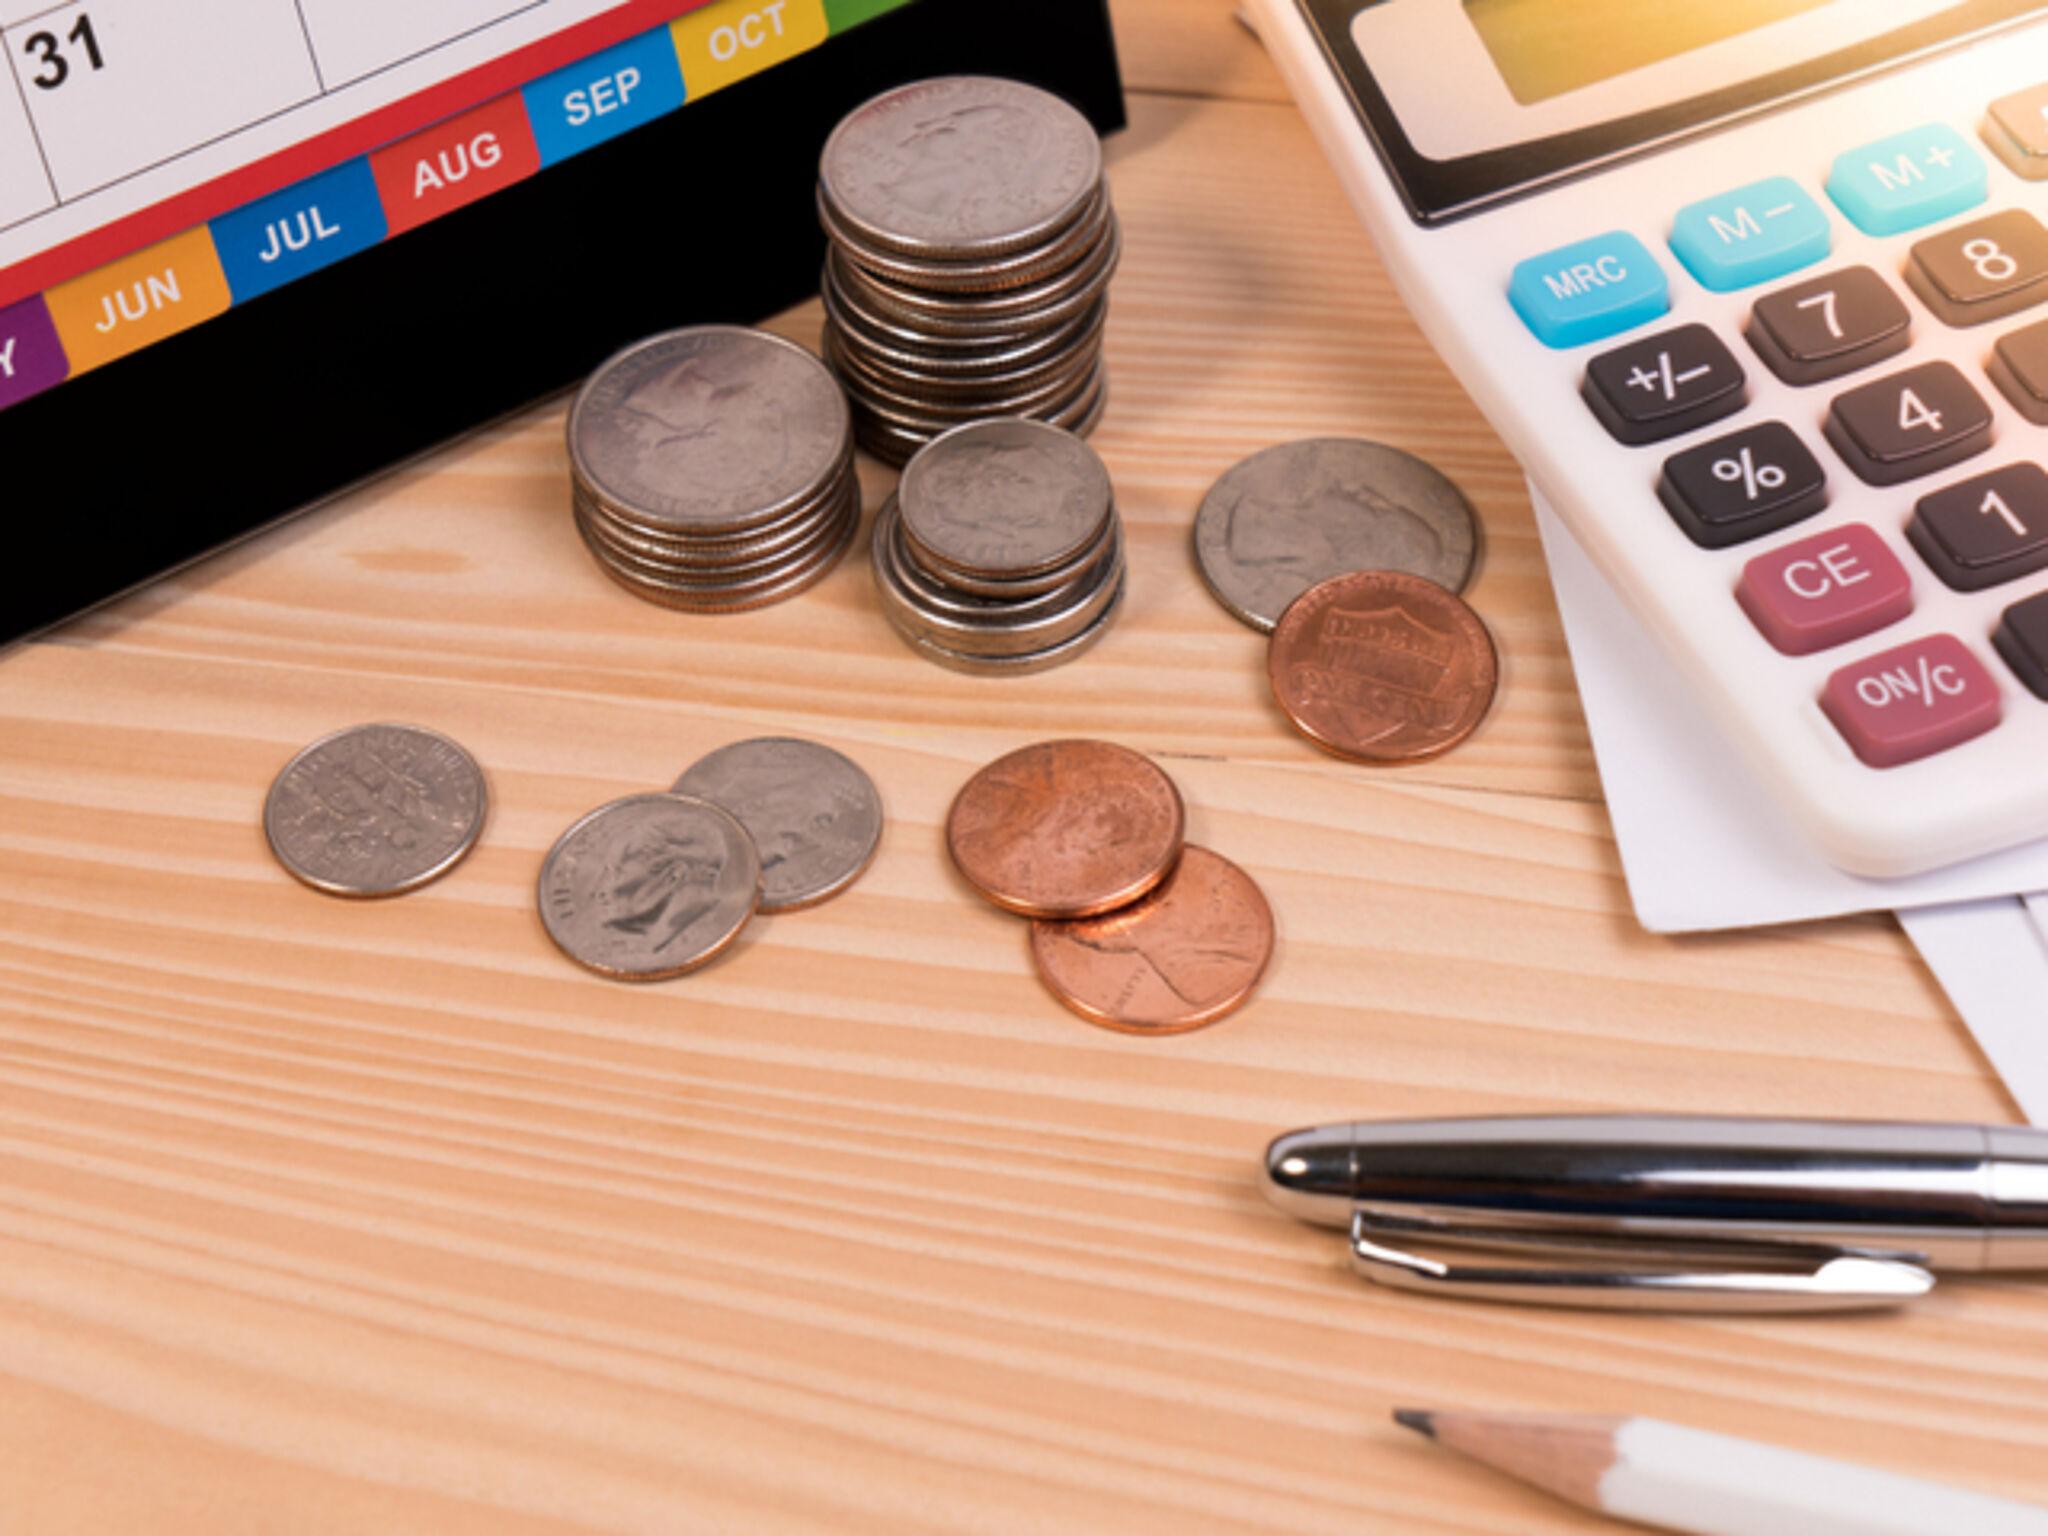 机の上にカレンダーやお金や電卓機などが置いてある画像